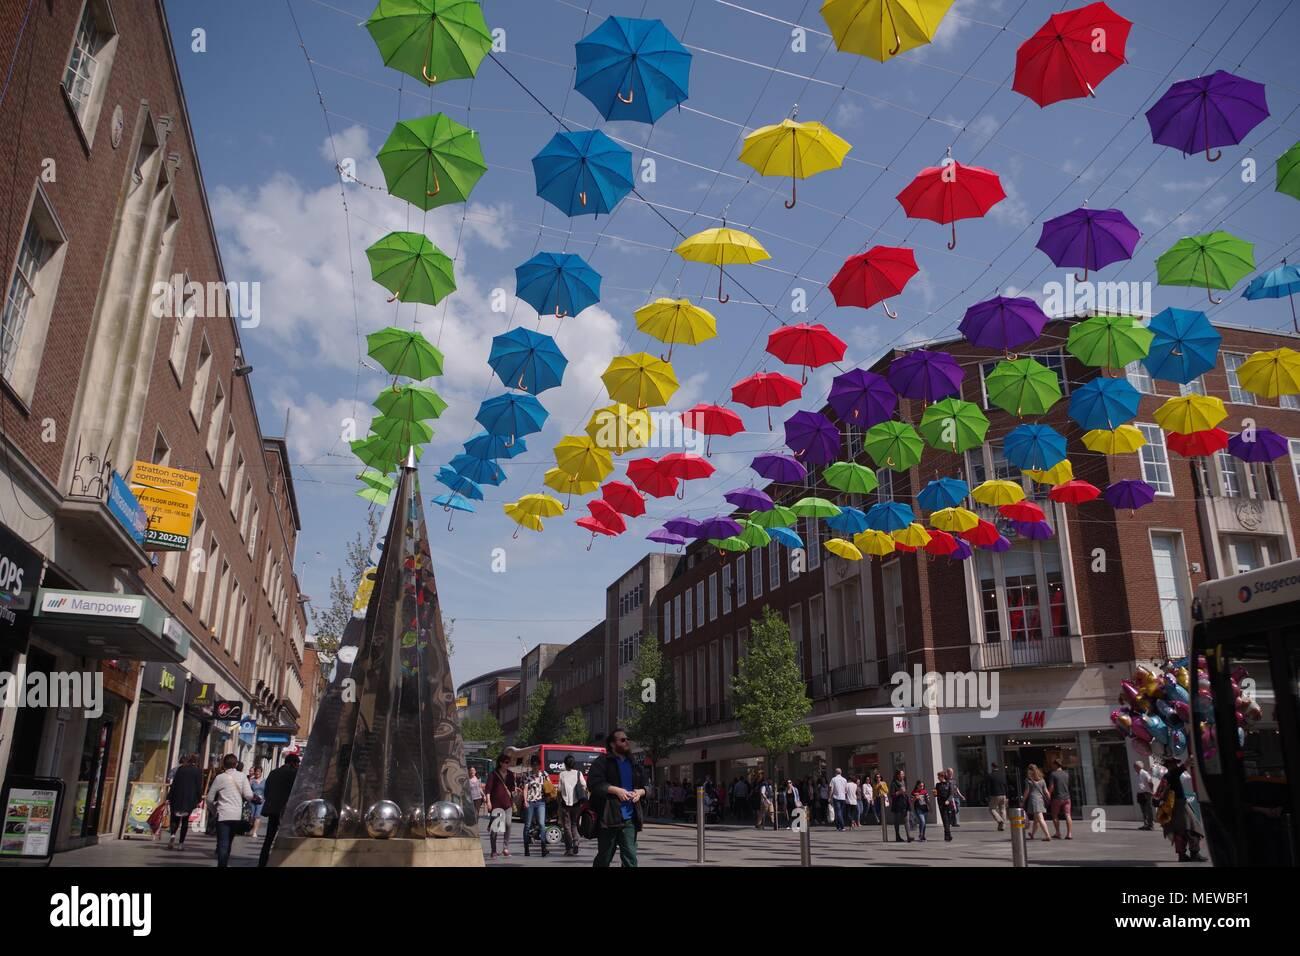 La Exeter Enigma y coloridas sombrillas de primavera. Exeter High Street, Devon, Reino Unido. Abril, 2018. Foto de stock